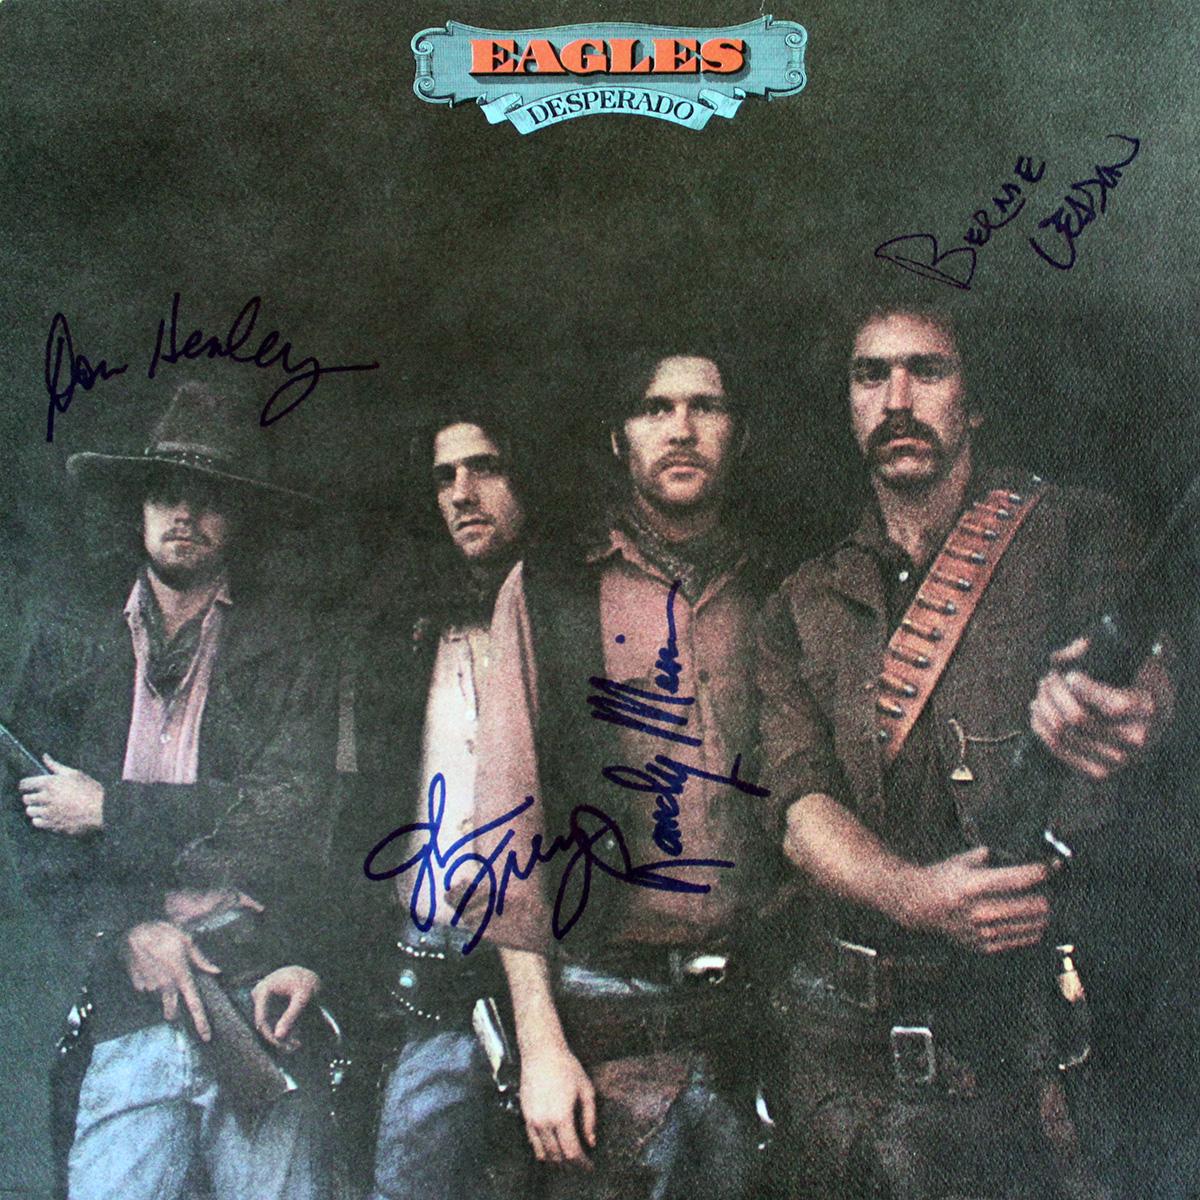 Eagles LP - Desperado #2